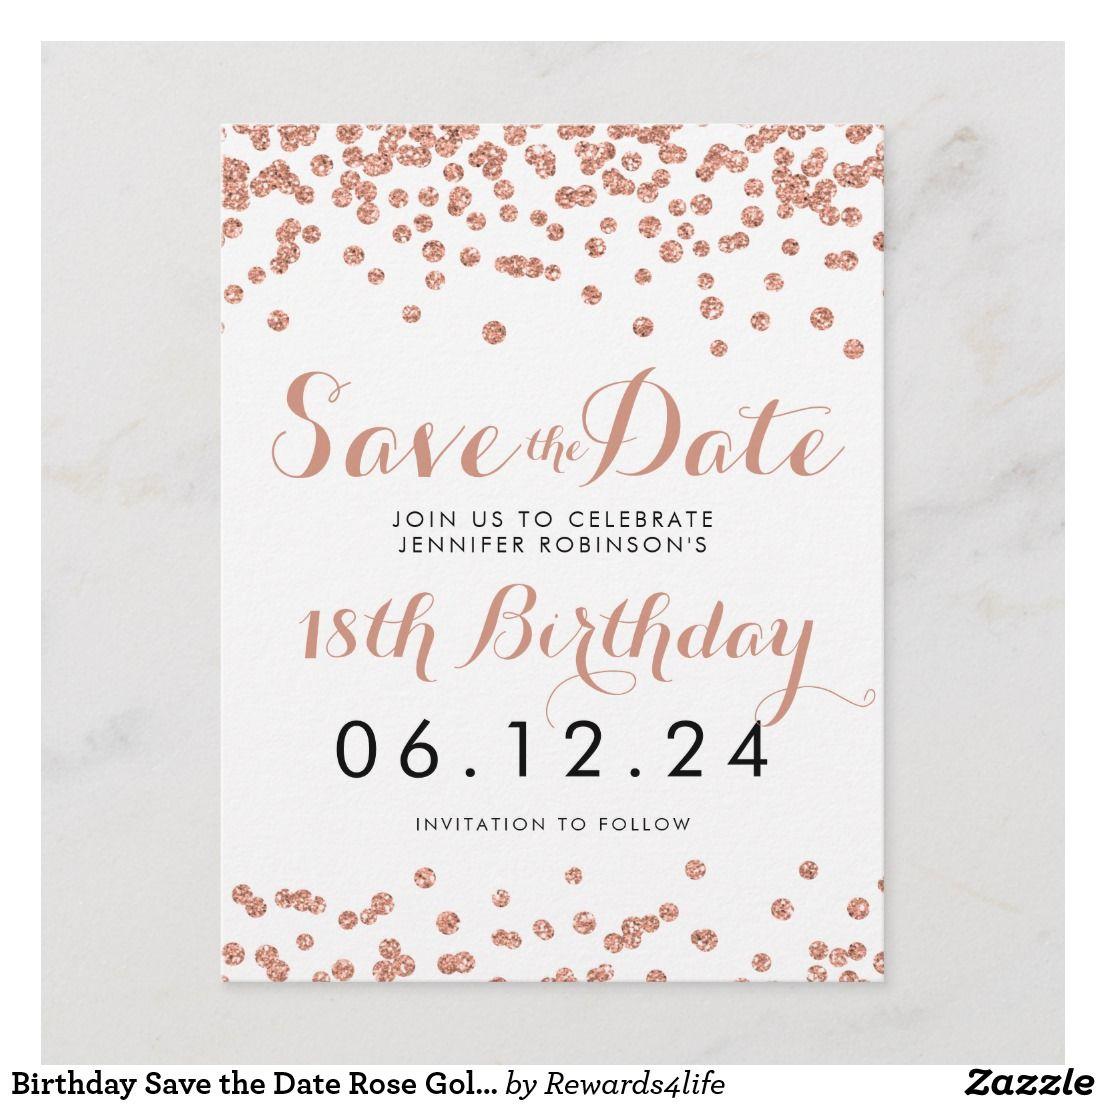 Carte Postale Faire Part Jour D Anniversaire Sauvez La Date Rose Gold Parti Zazzle Fr Rose Gold Glitter Confetti Glitter Confetti Rose Gold Invitations